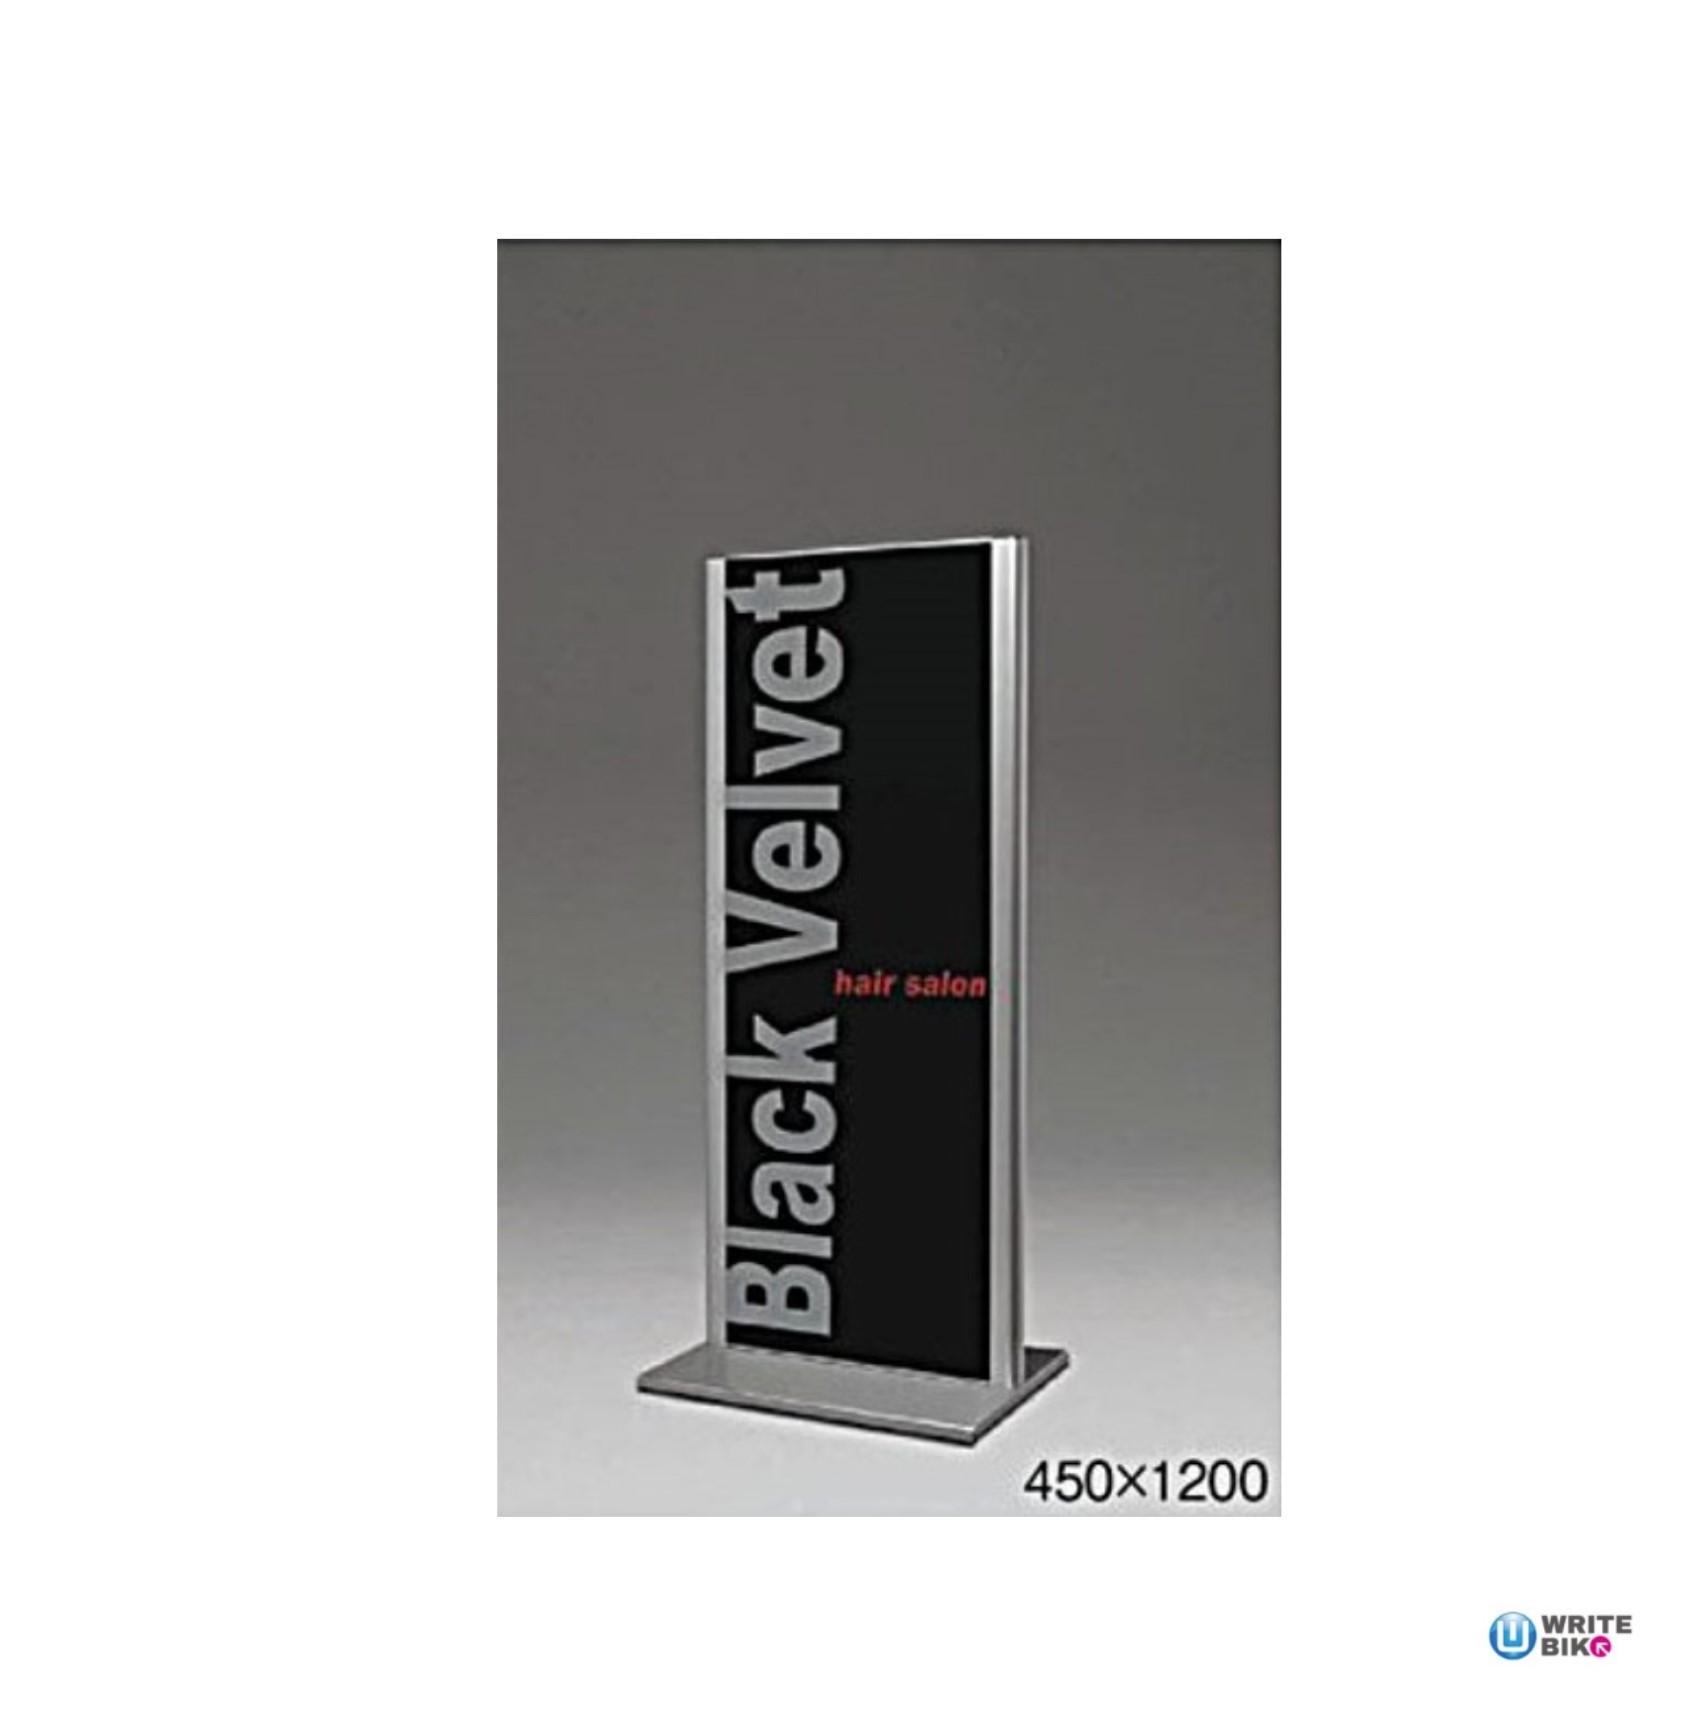 ベルクのタワー型スタンド看板の257